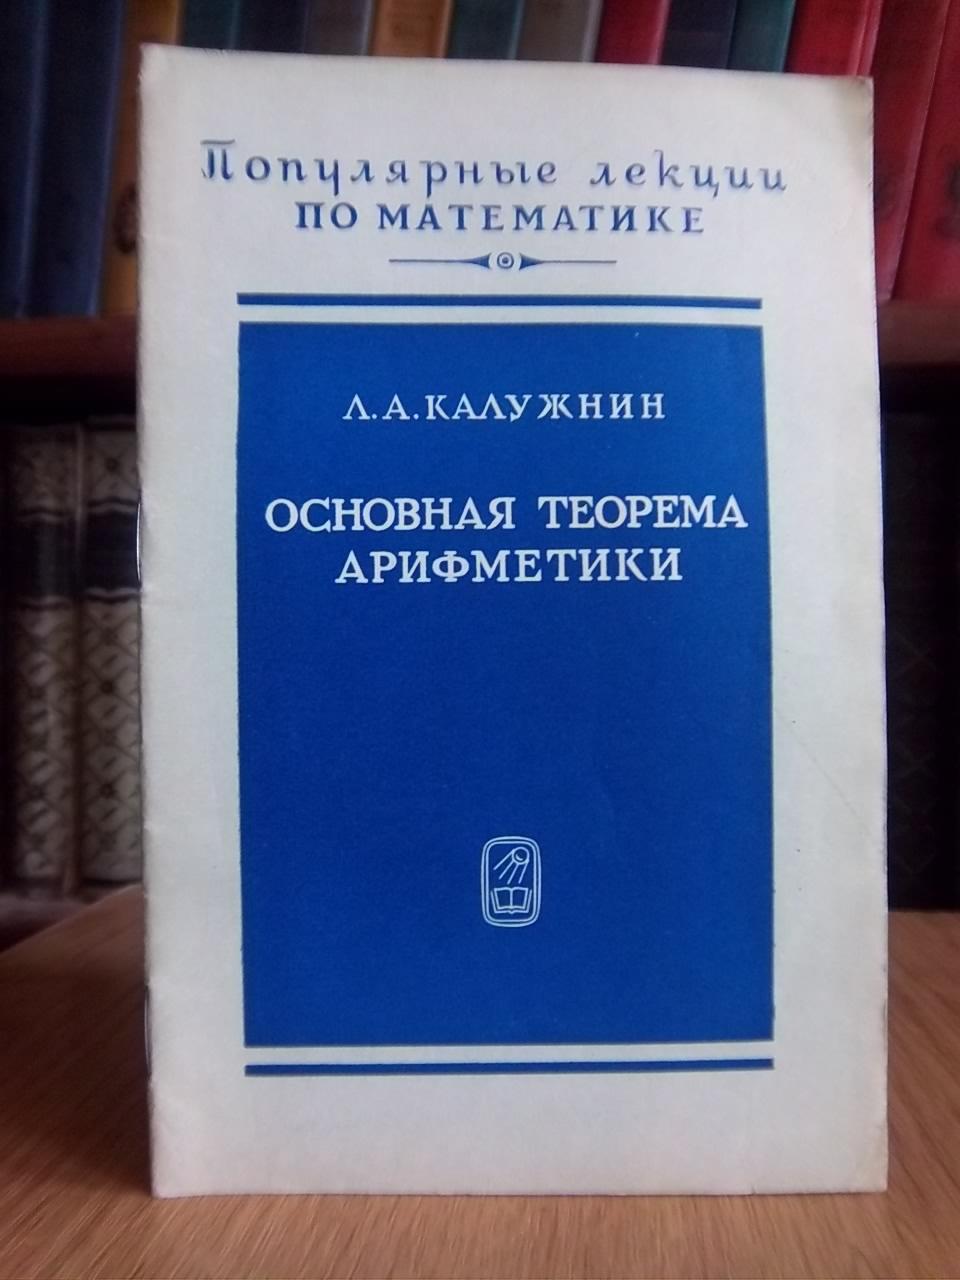 Основная теорема арифметики